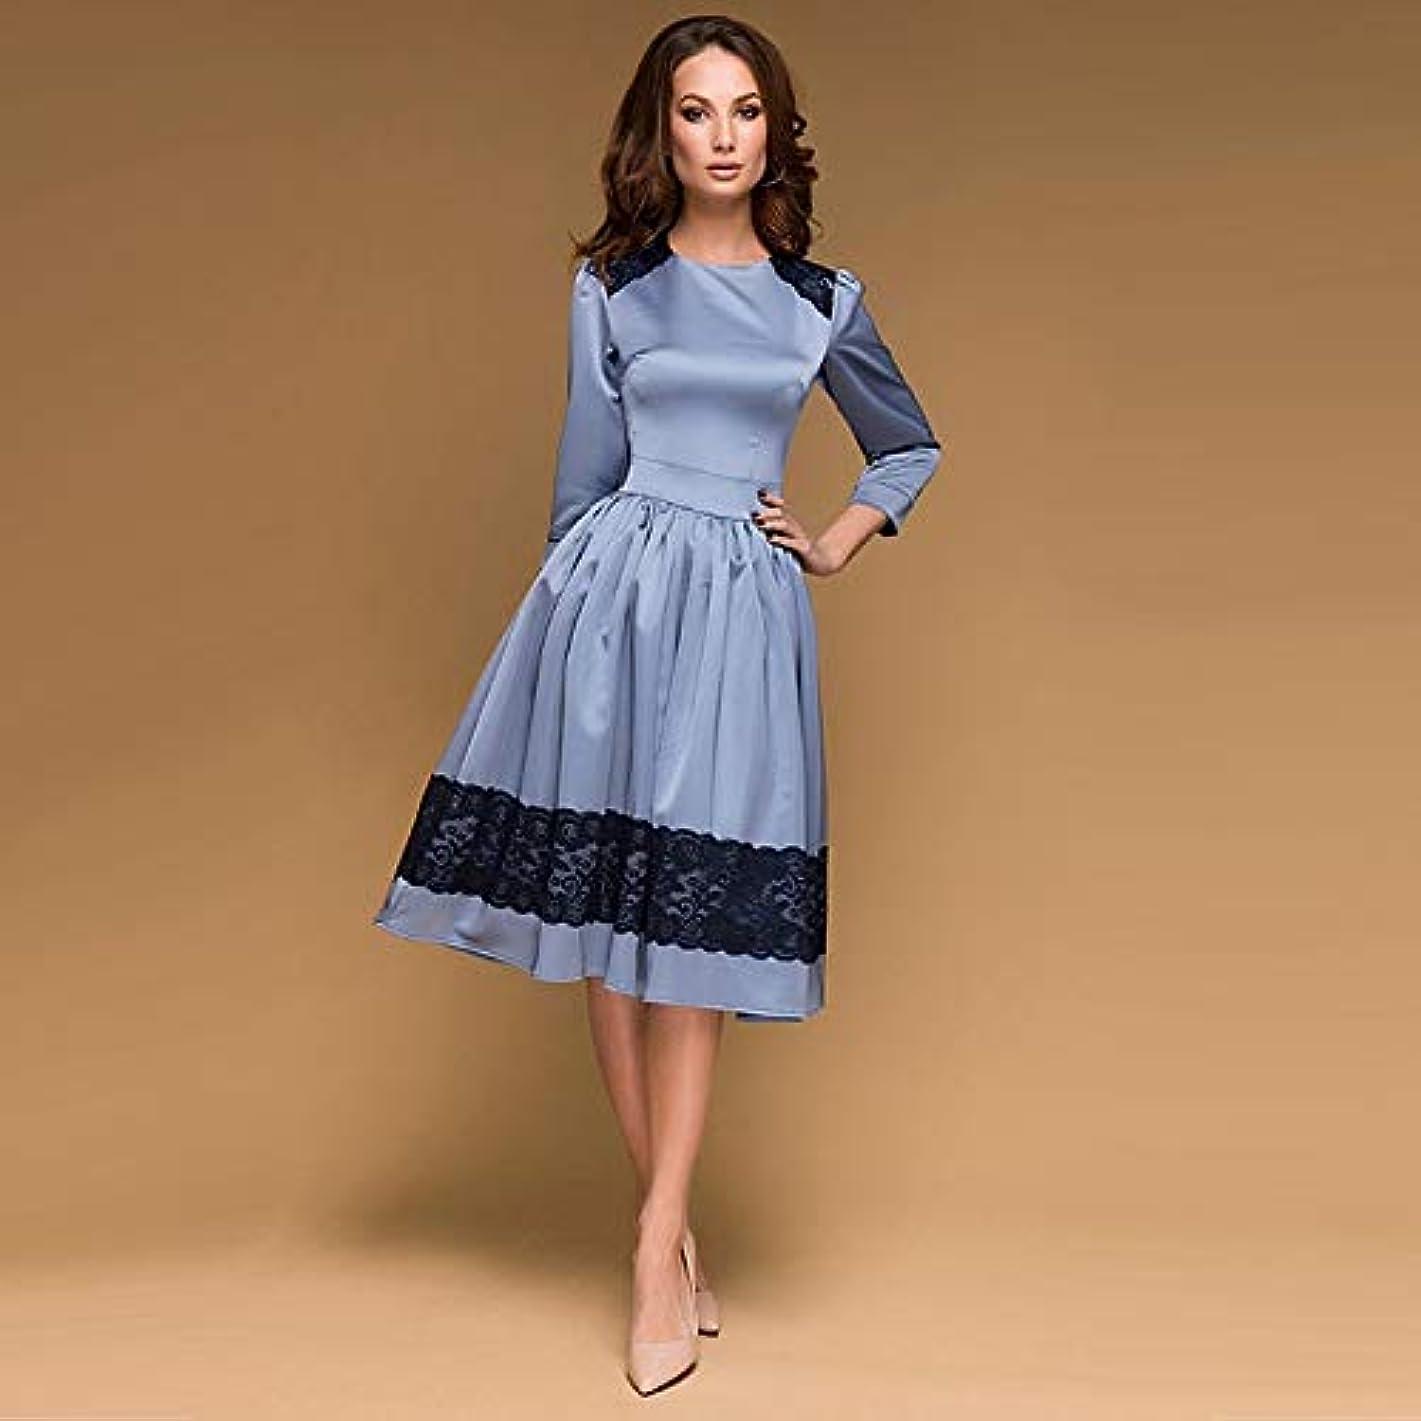 連続的南方のこれまでMaxcrestas - 女性のヴィンテージレースのパッチワークパーティードレス三分袖Oネックソリッドミディシックなドレス2018秋の新しいファッションの女性のドレス